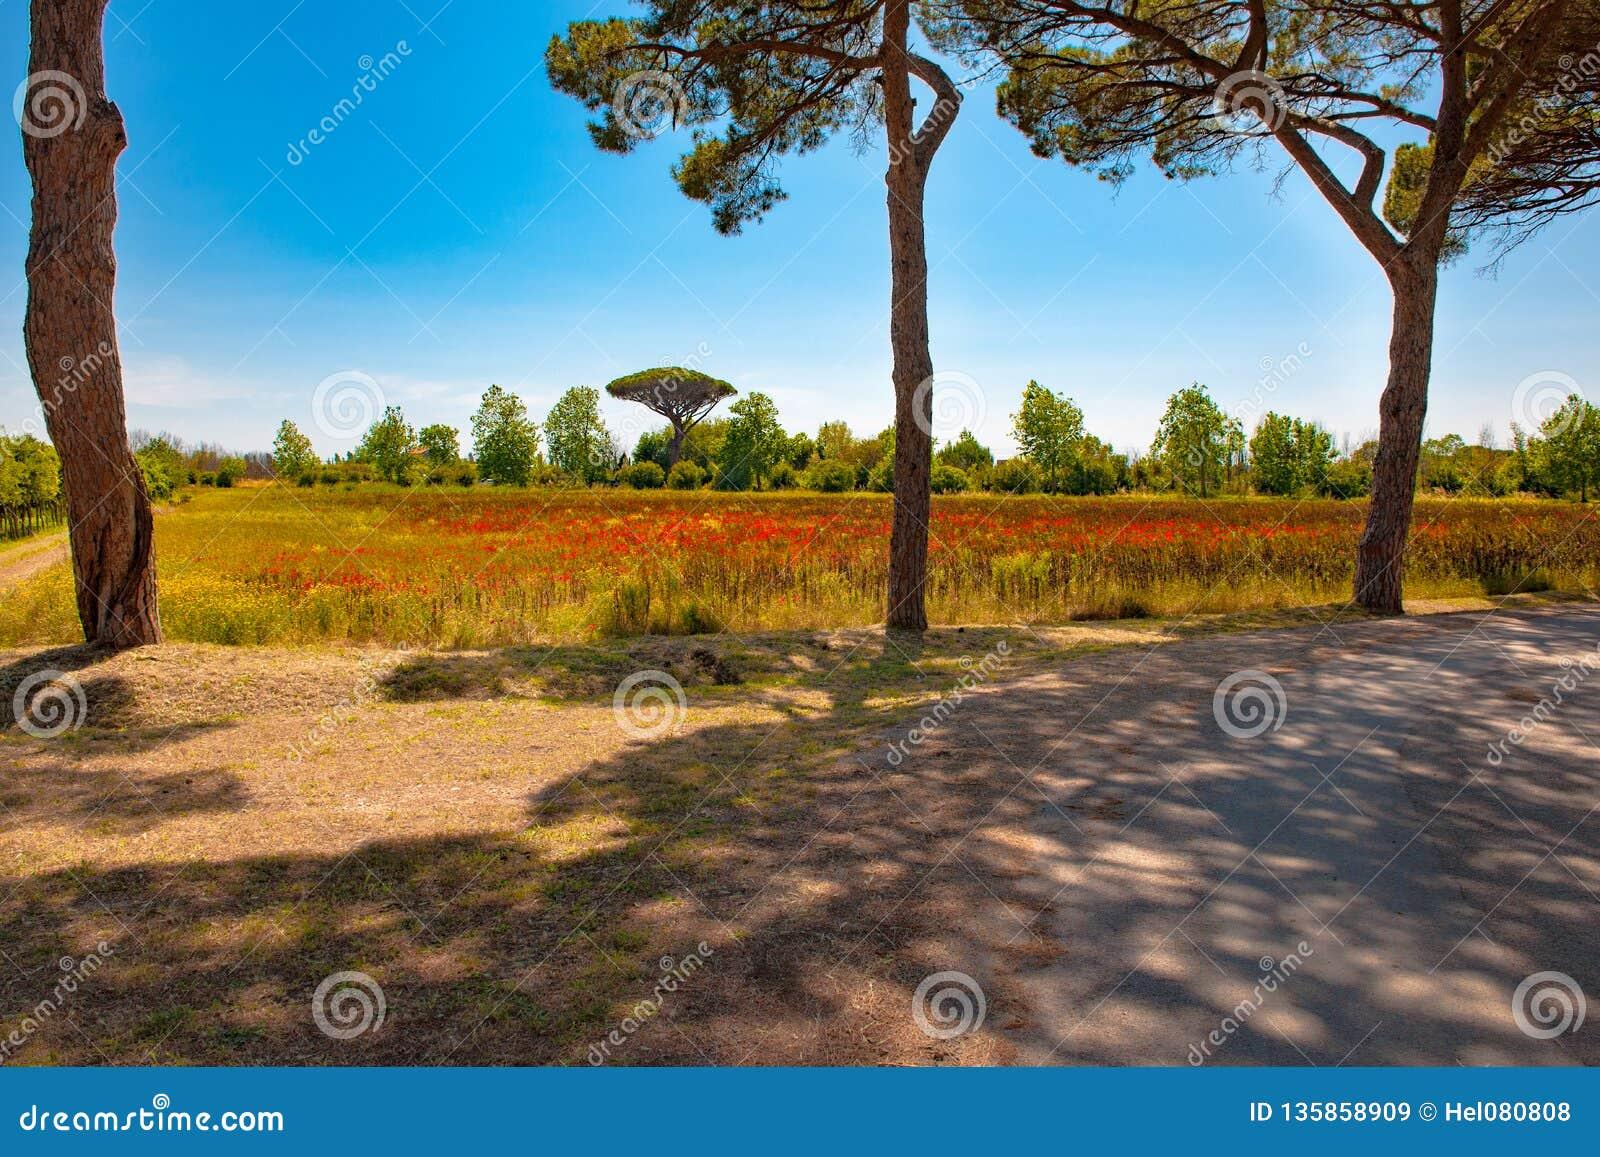 Toscana - paisaje hermoso, trayectoria con la sombra debajo de los pinos, campos con las amapolas salvajes